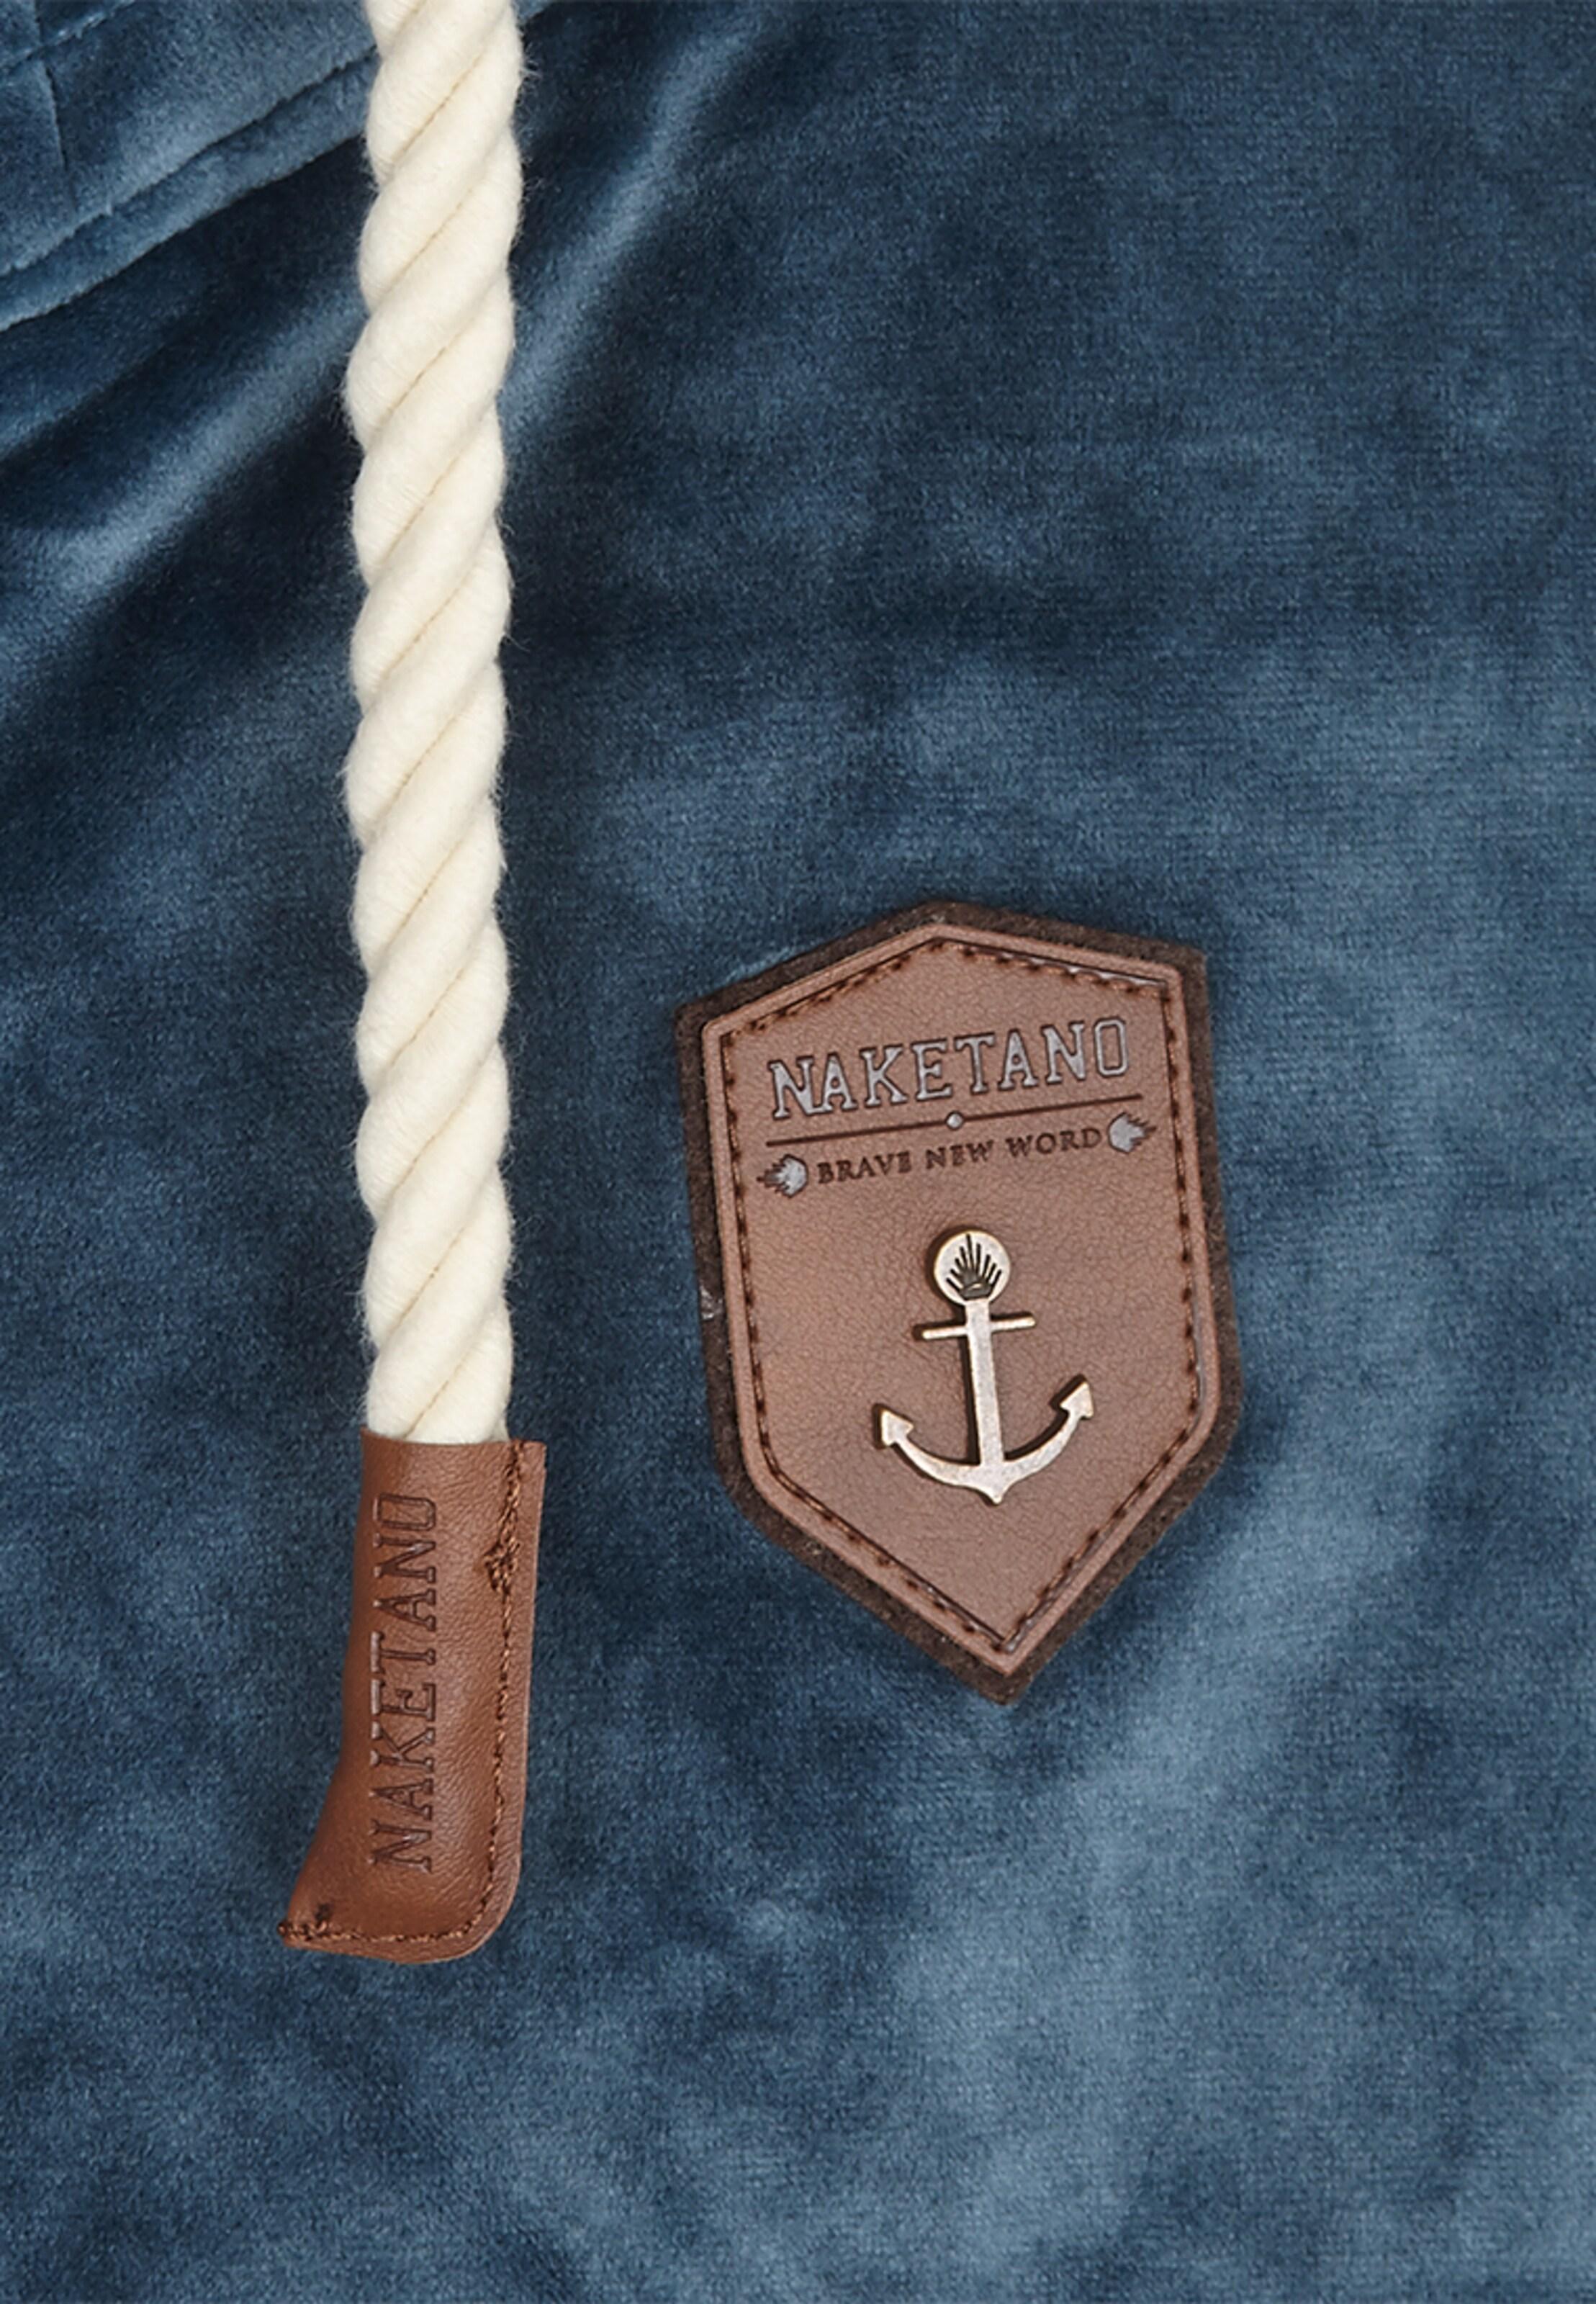 naketano Zipped Jacket 'Ivic Mack III' Online HQEiW